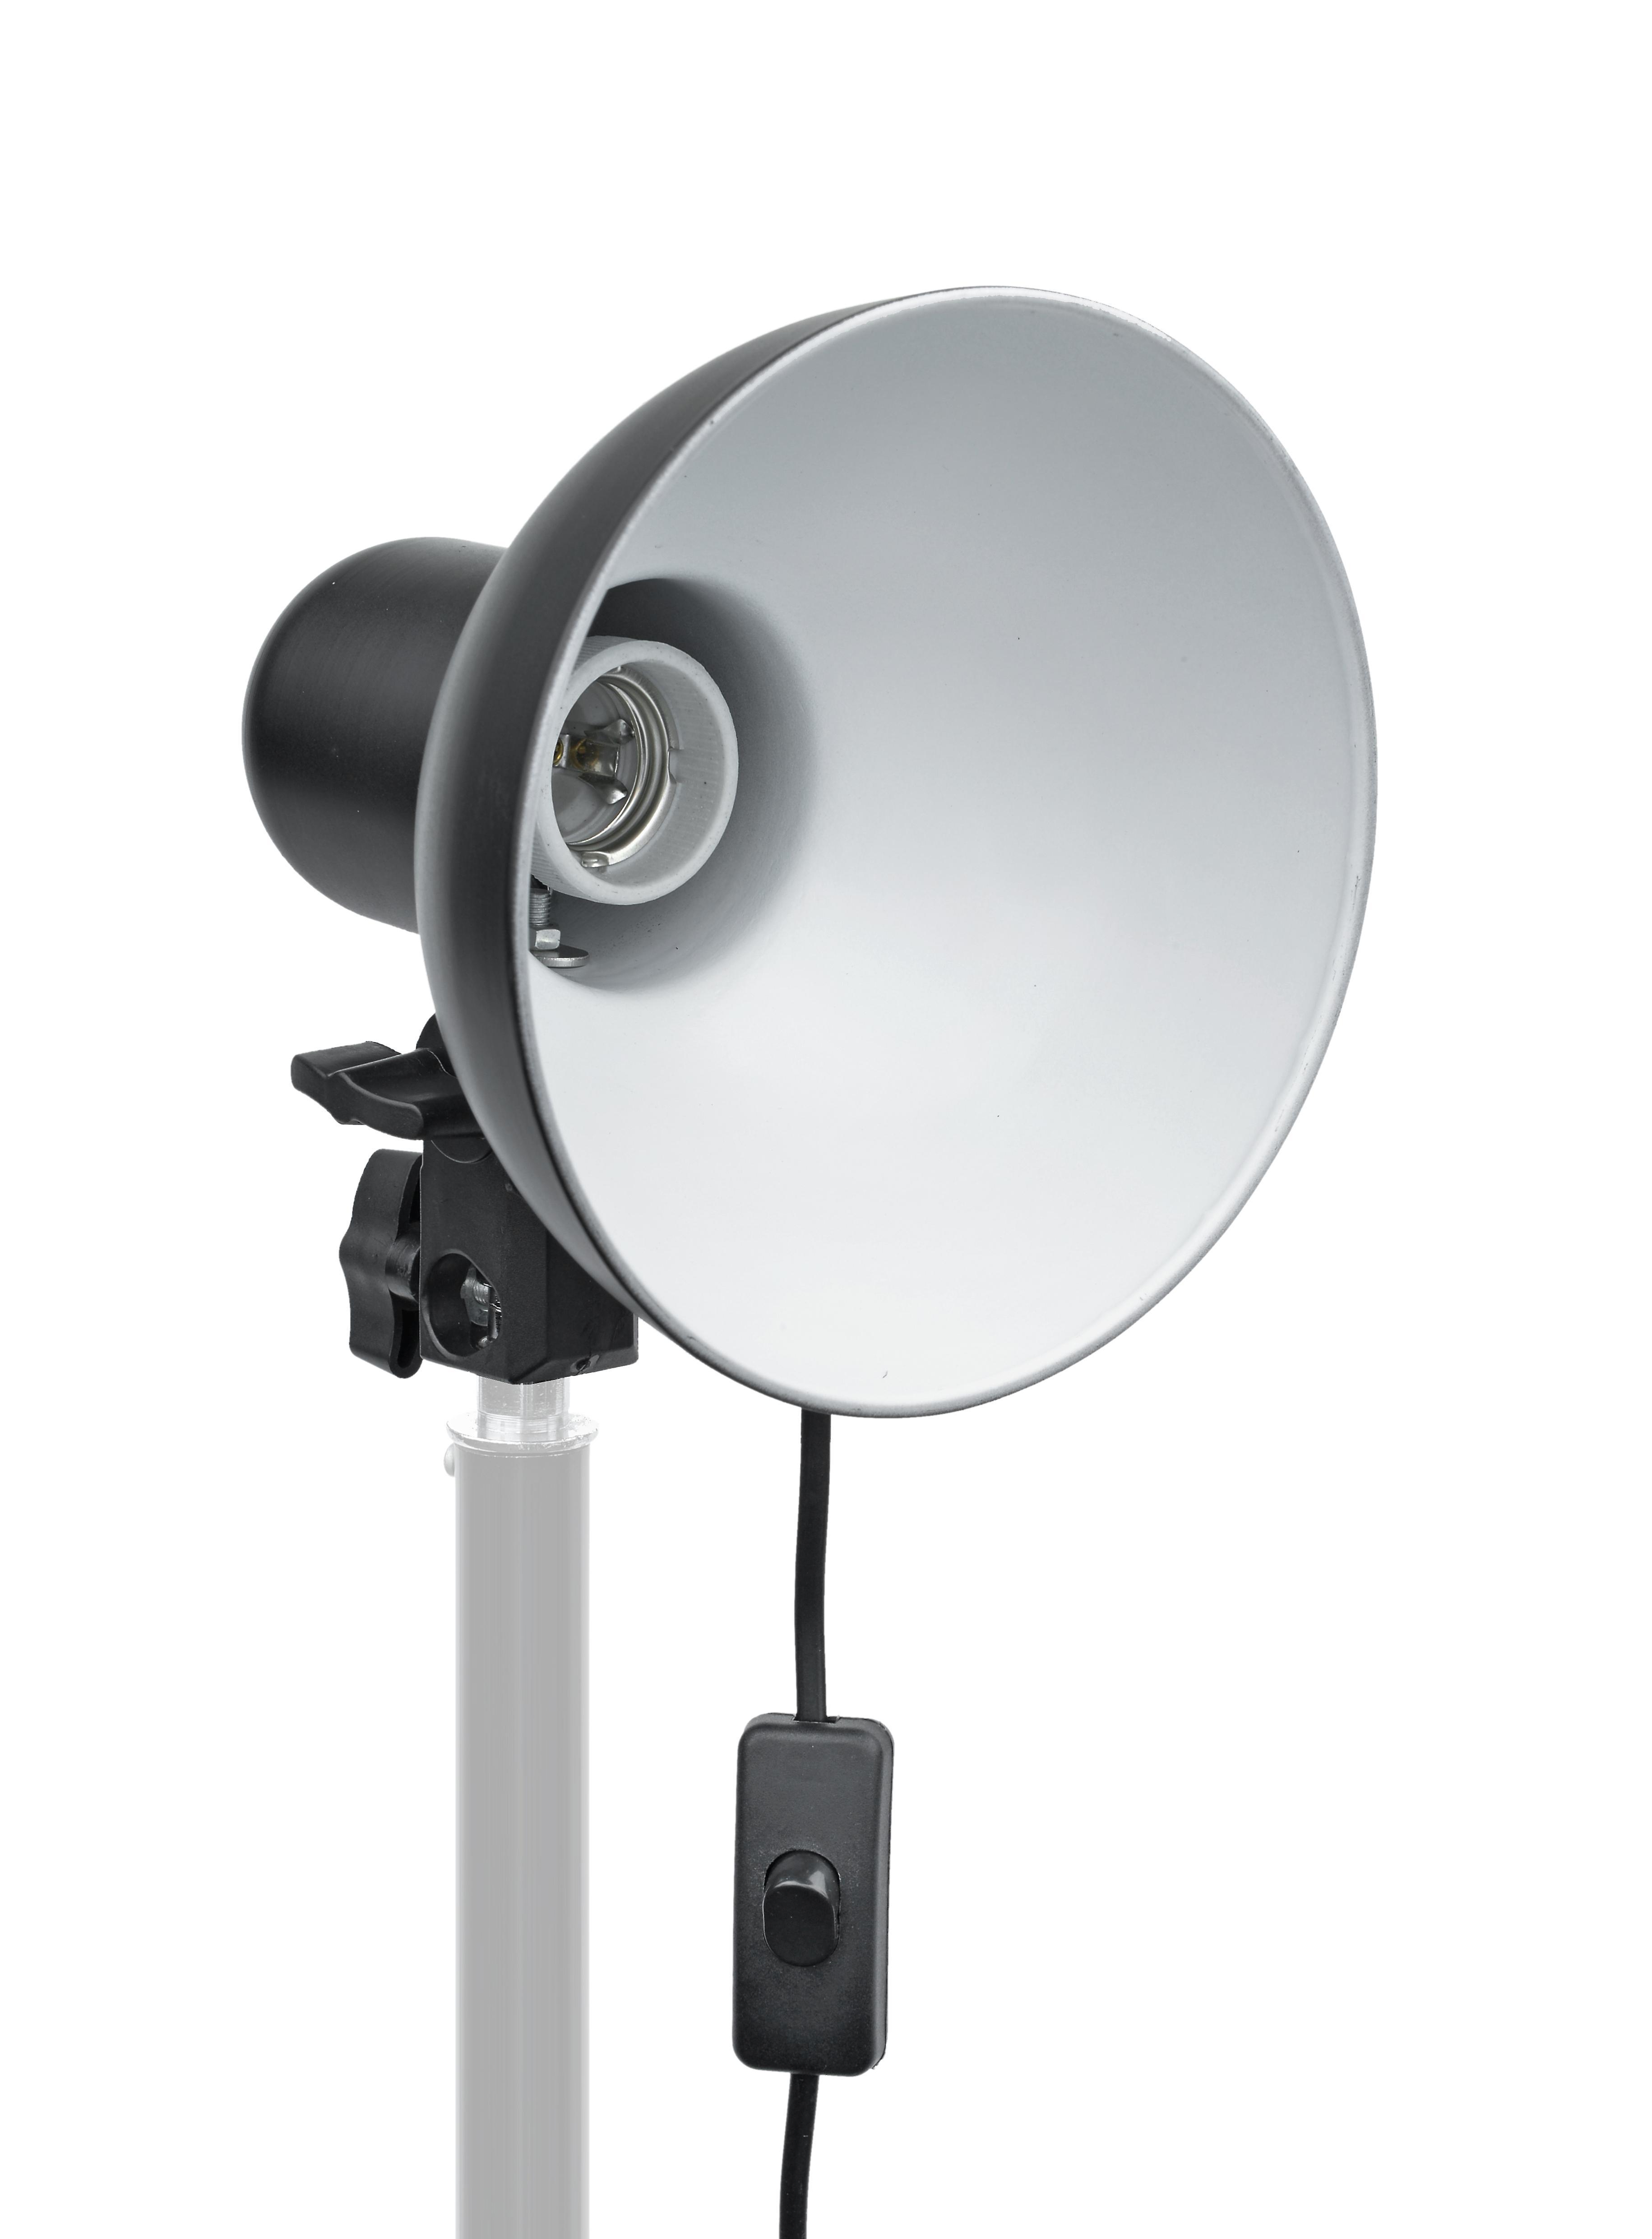 BRESSER MM-04 Lampenhalter mit Reflektor für 1 Lampe